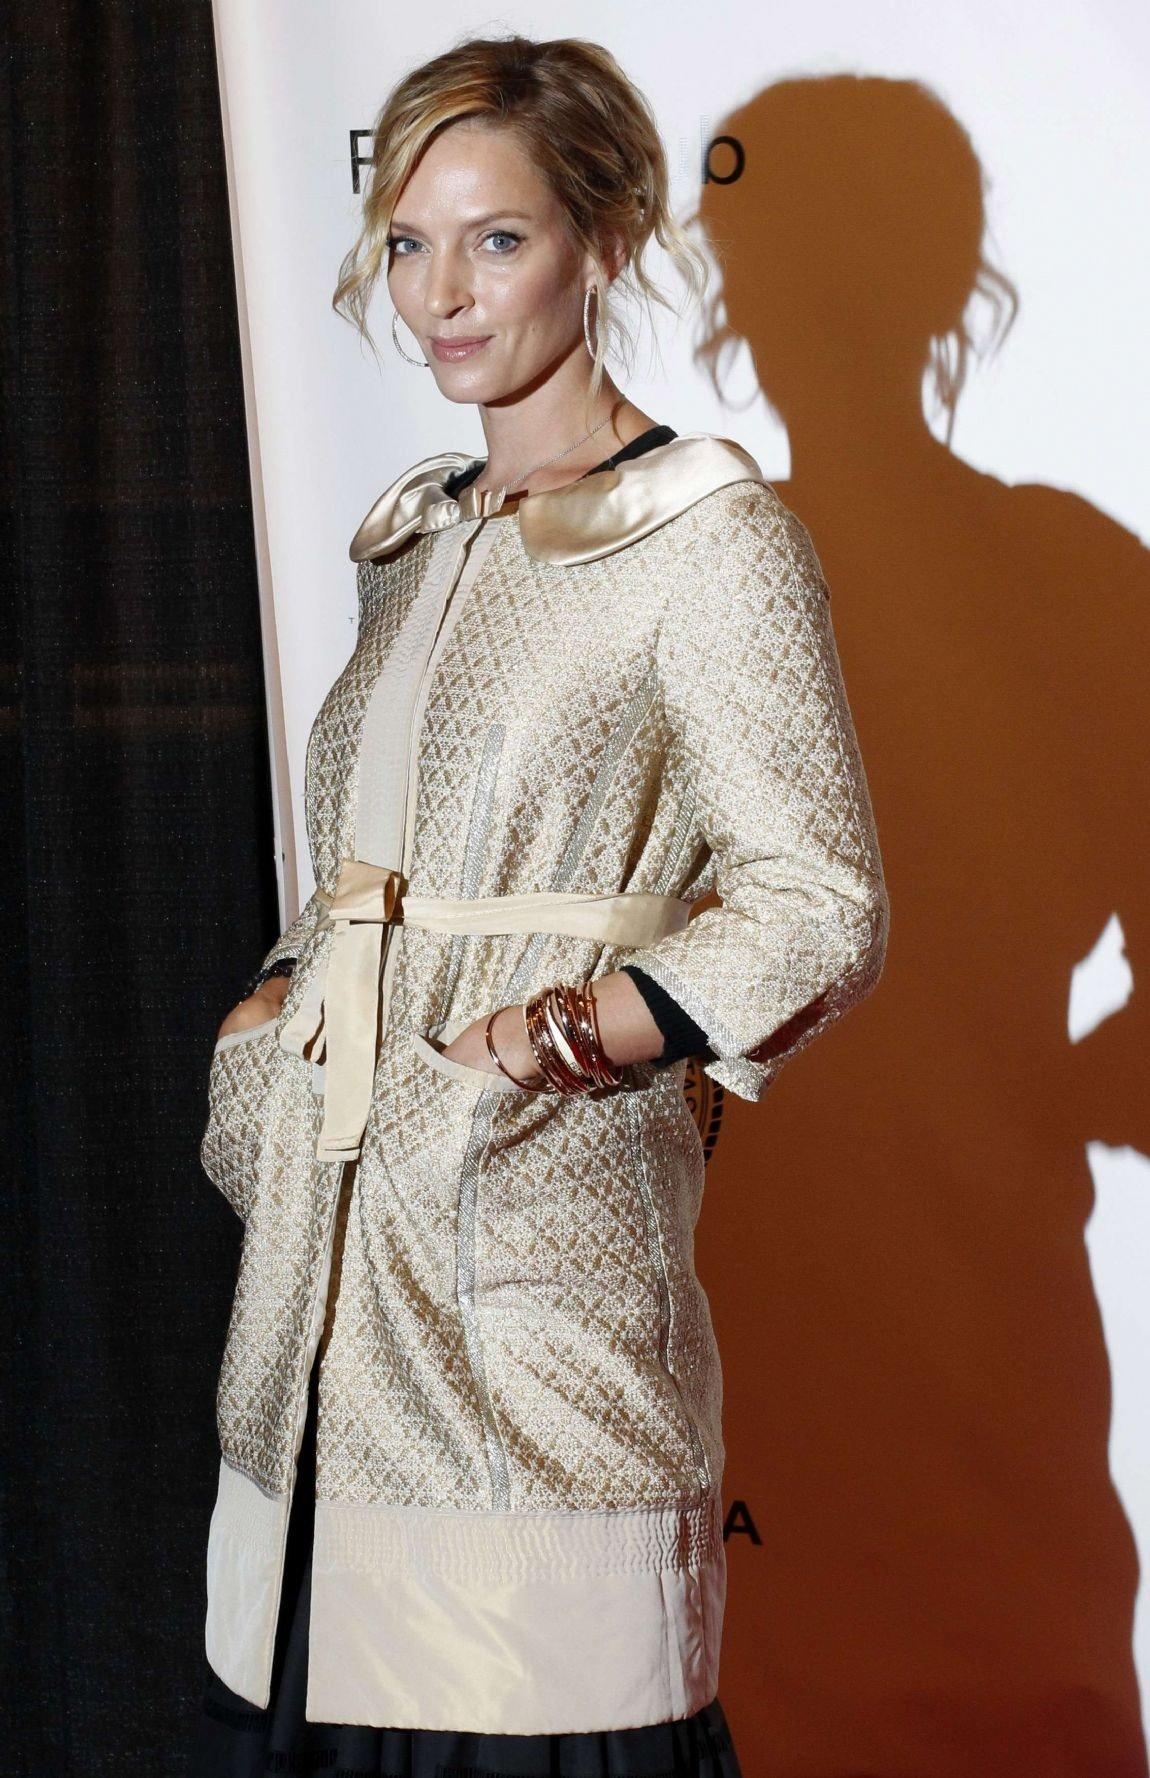 Ума Турман сегодня отмечает юбилей: номинантке на «Оскар» и музе Квентина Тарантино исполняется 45. - Изображение 1